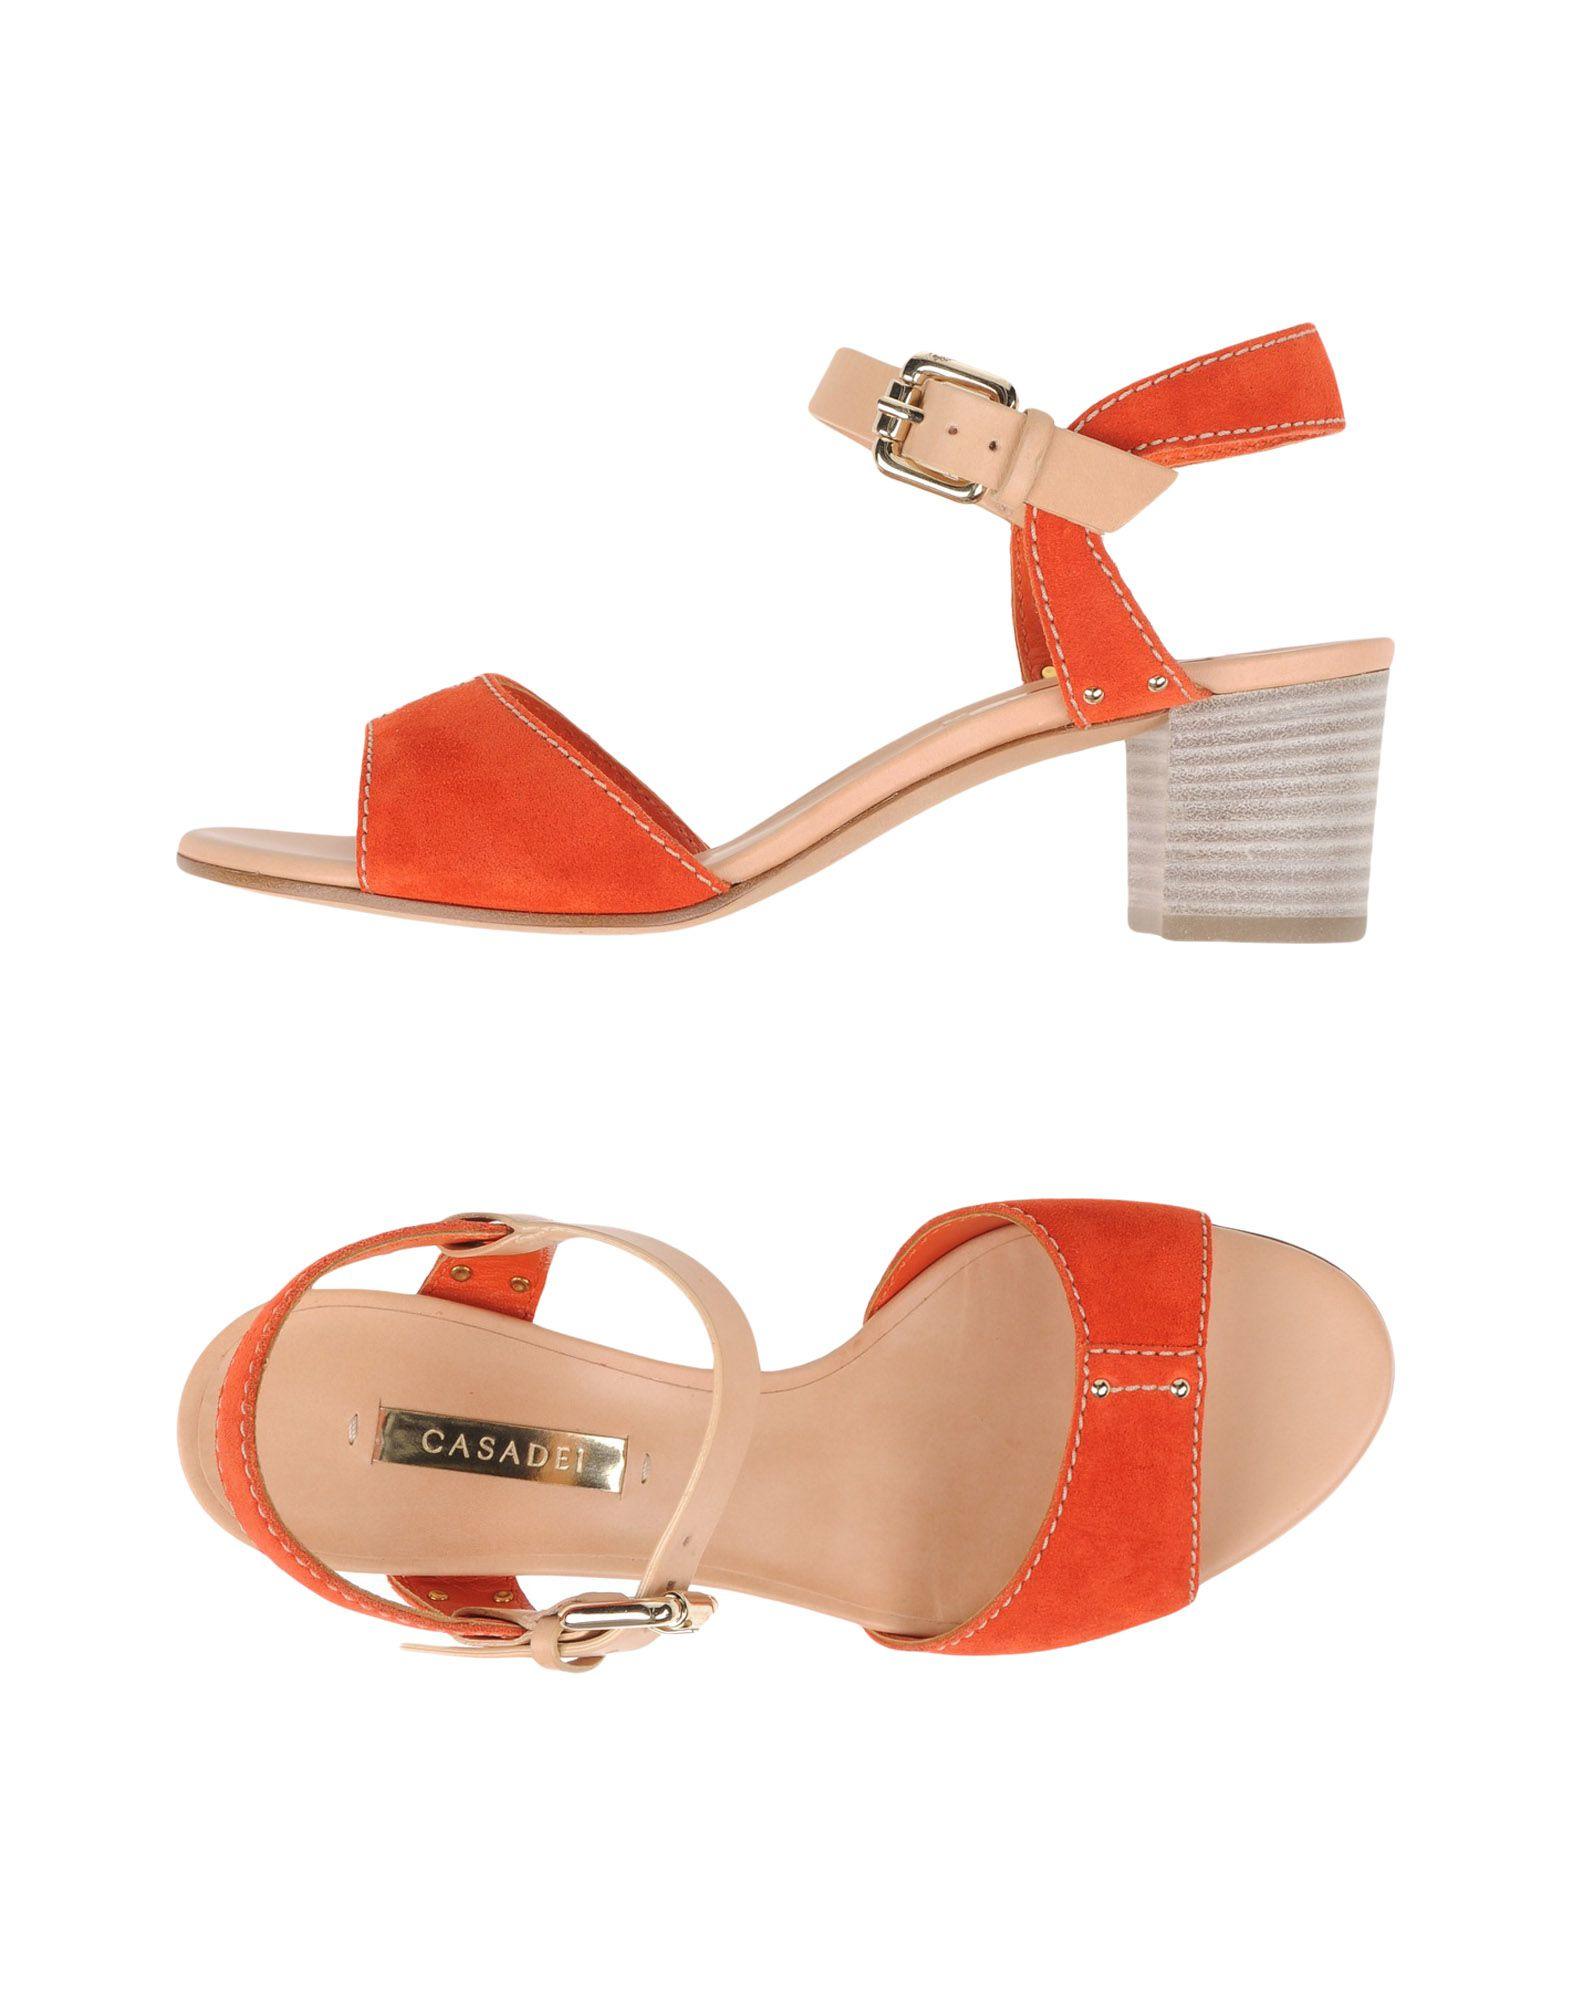 Lyst Casadei Sandals In Orange